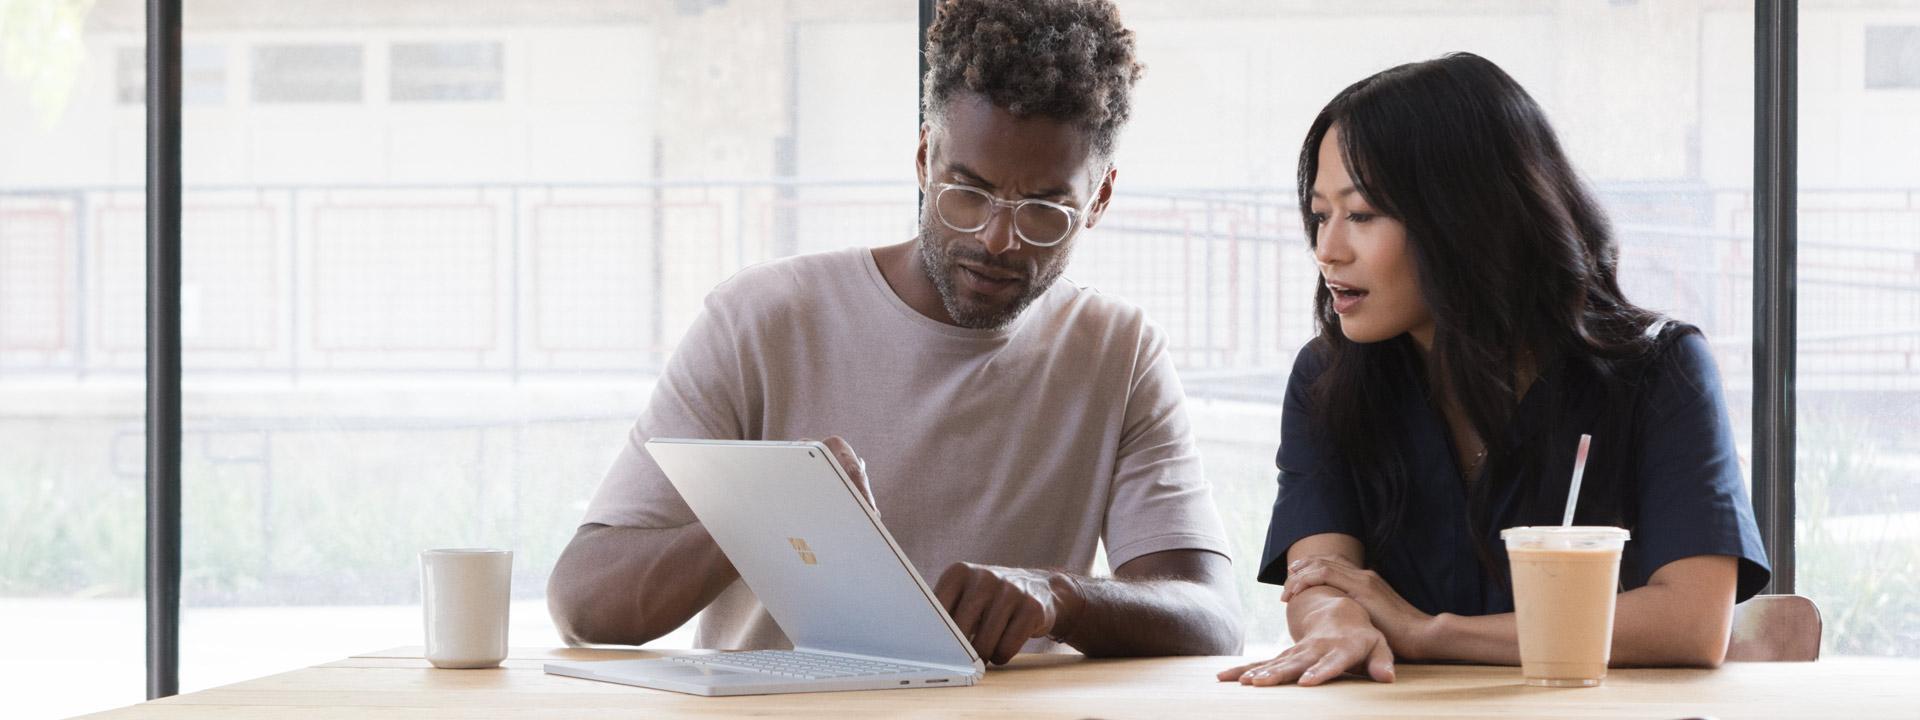 男人和女人在咖啡廳看著鍵盤反折的 Surface Book 2。